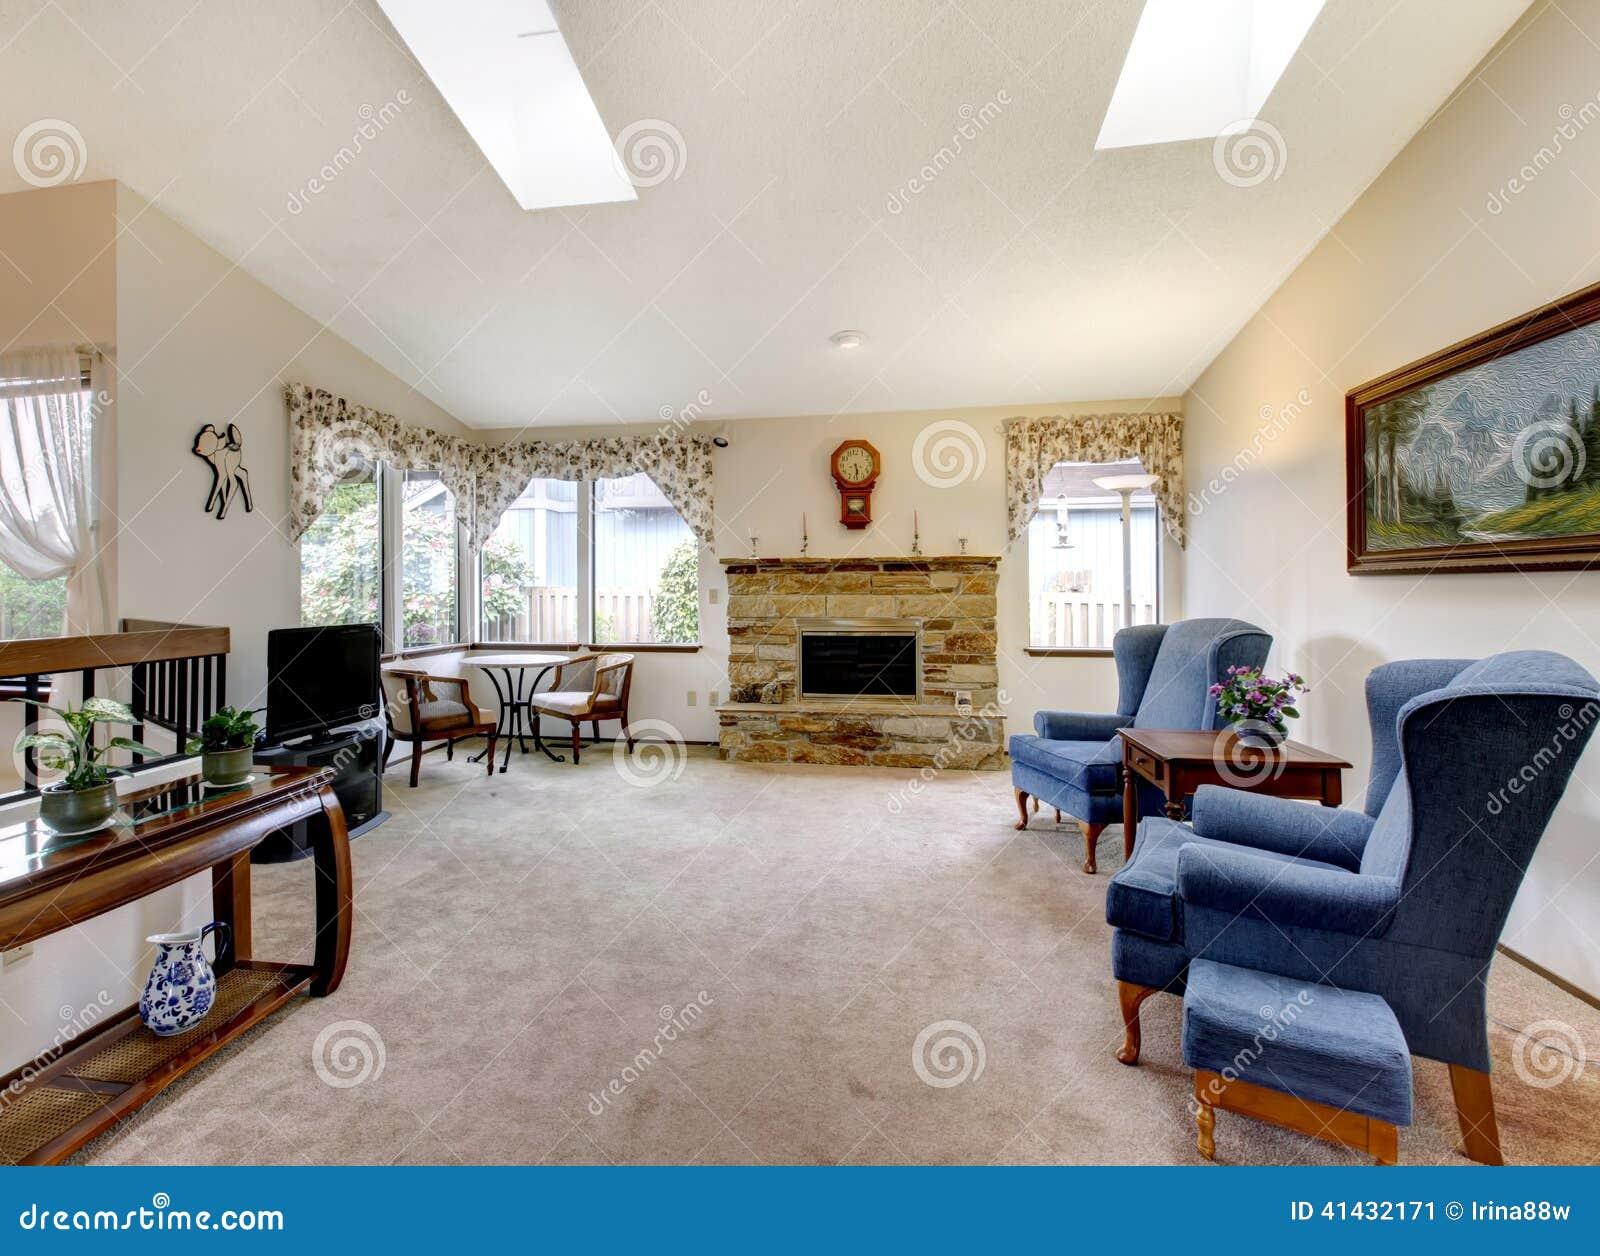 Sala de estar con muebles antiguos y el tragaluz foto de for Muebles clasicos para sala